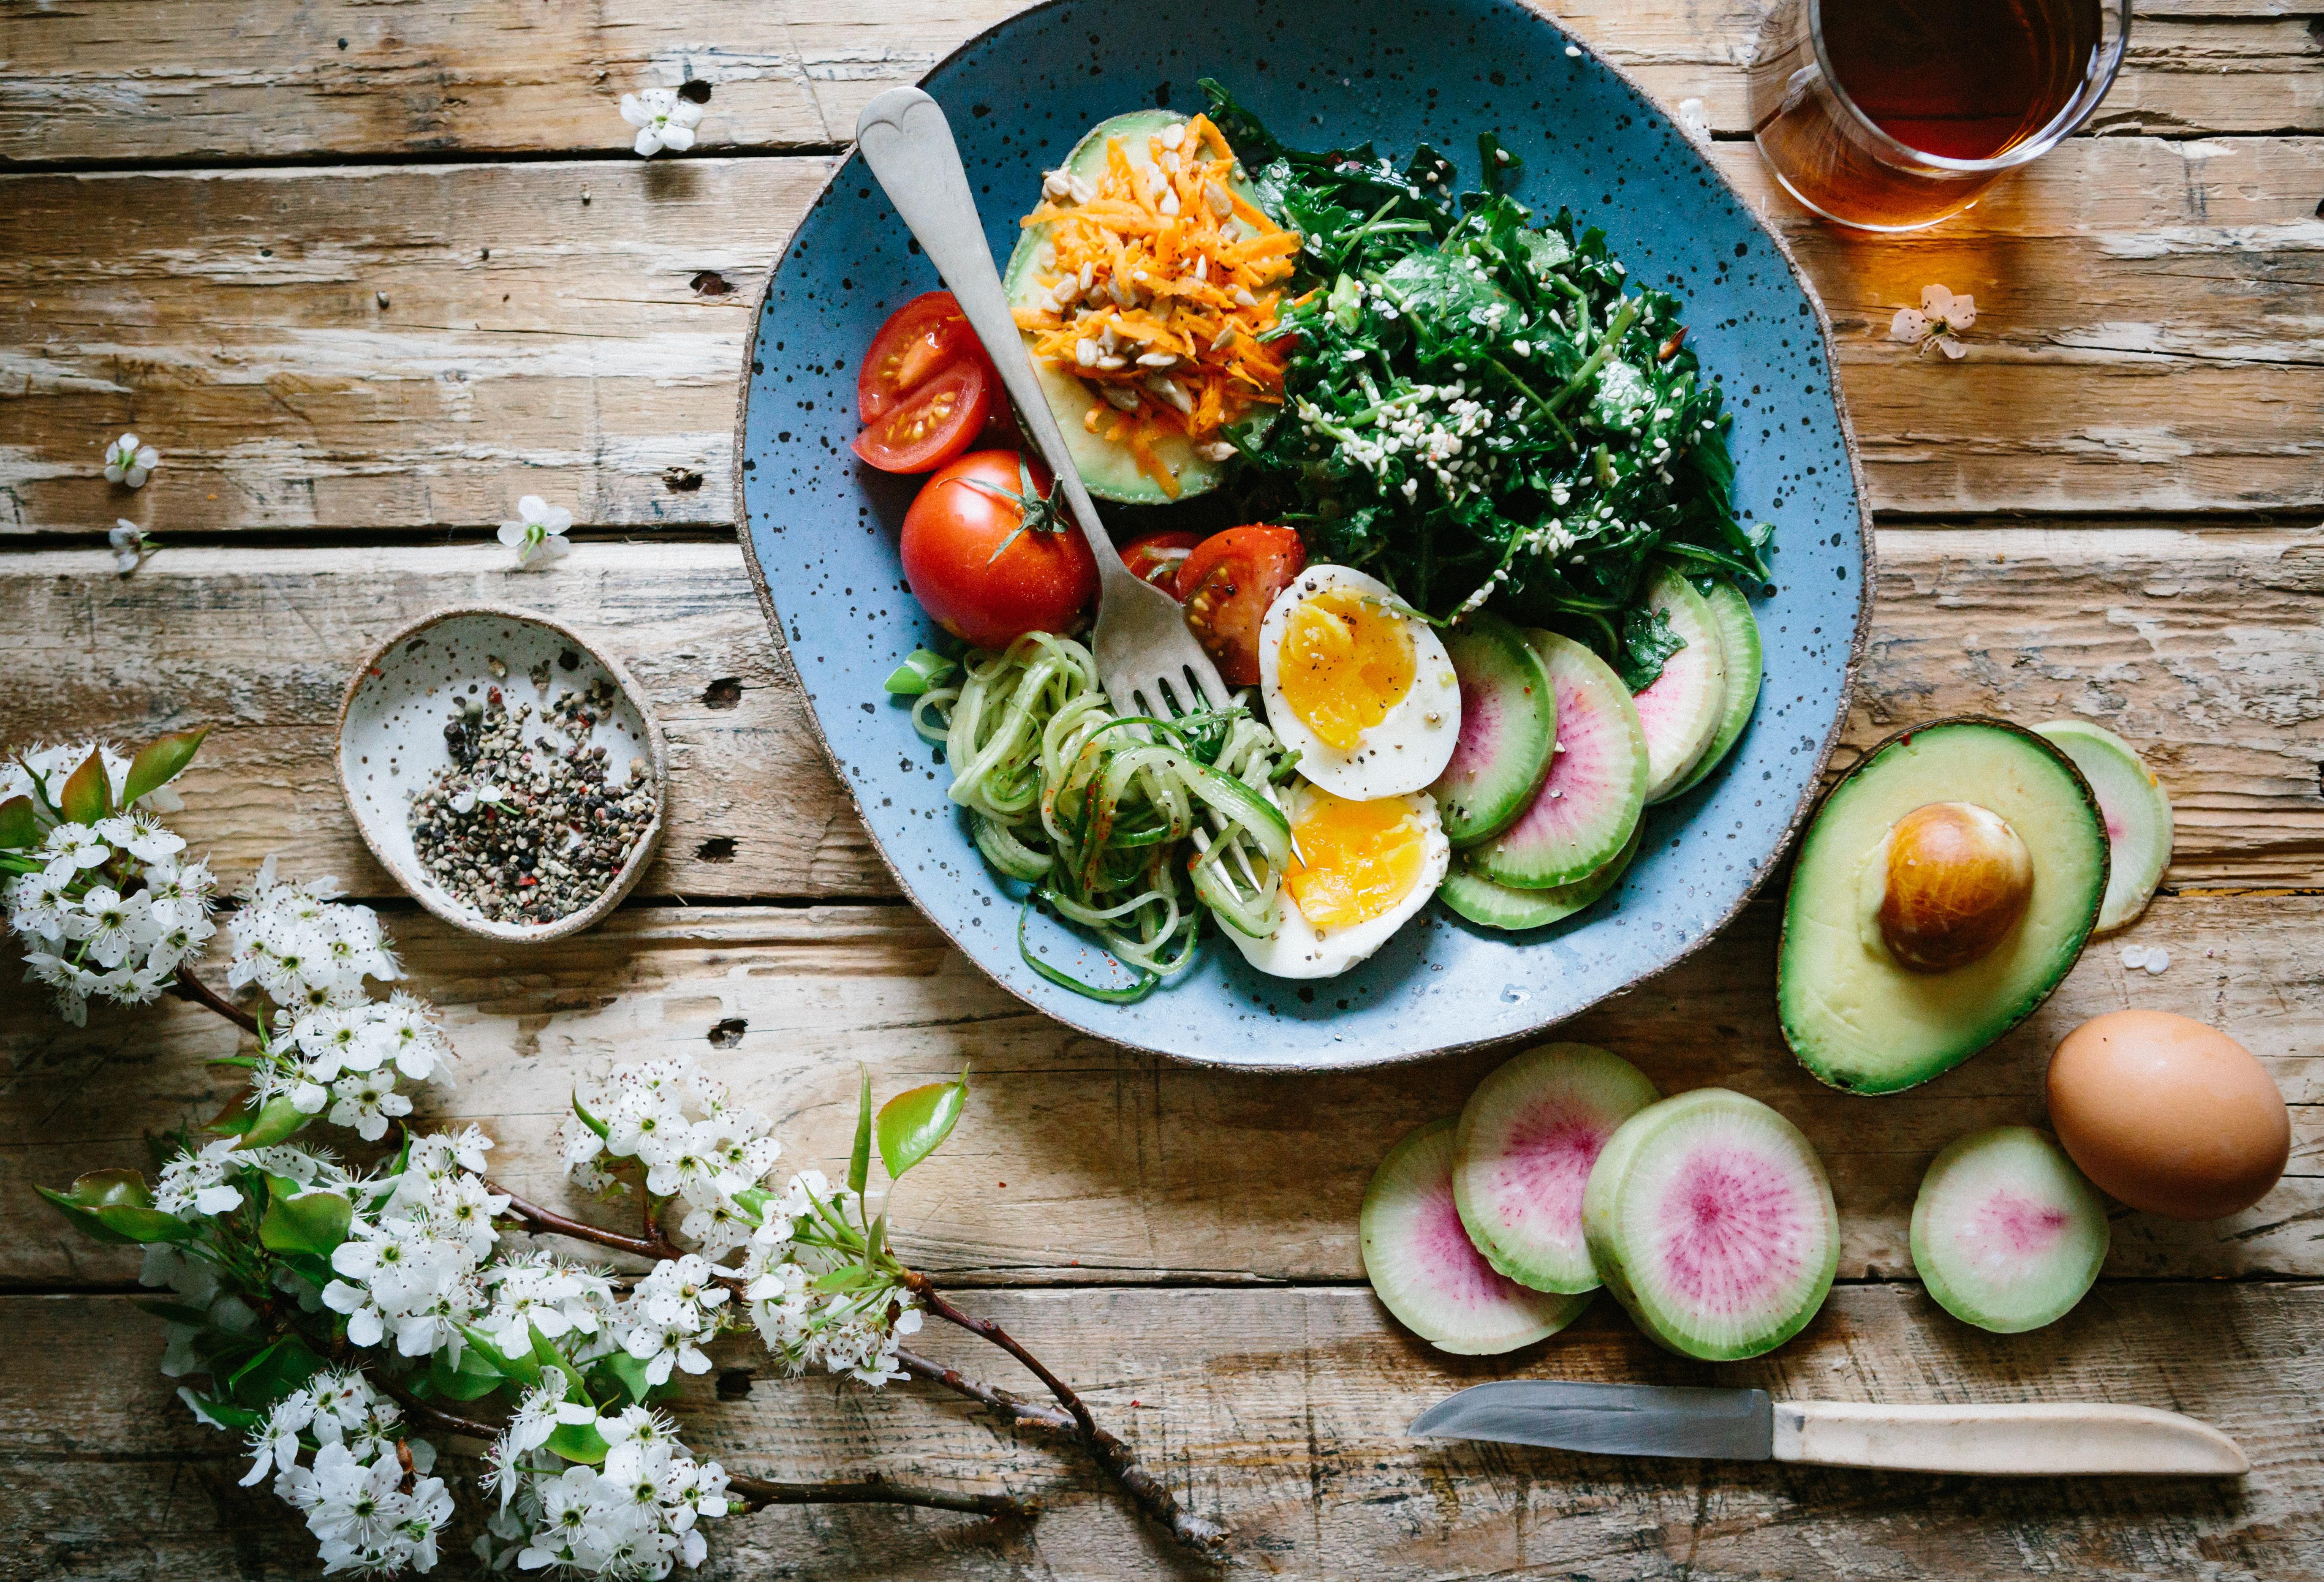 bland_dieta